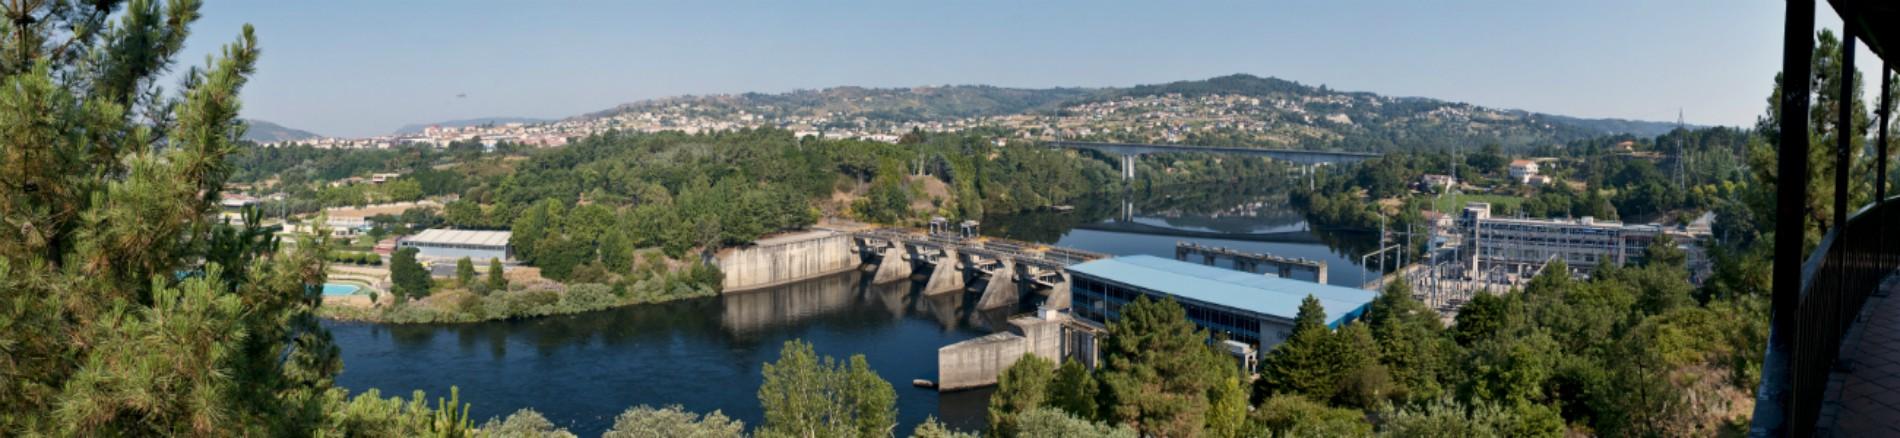 20120725_generacion_hidroelectrica_esp_10589_wg